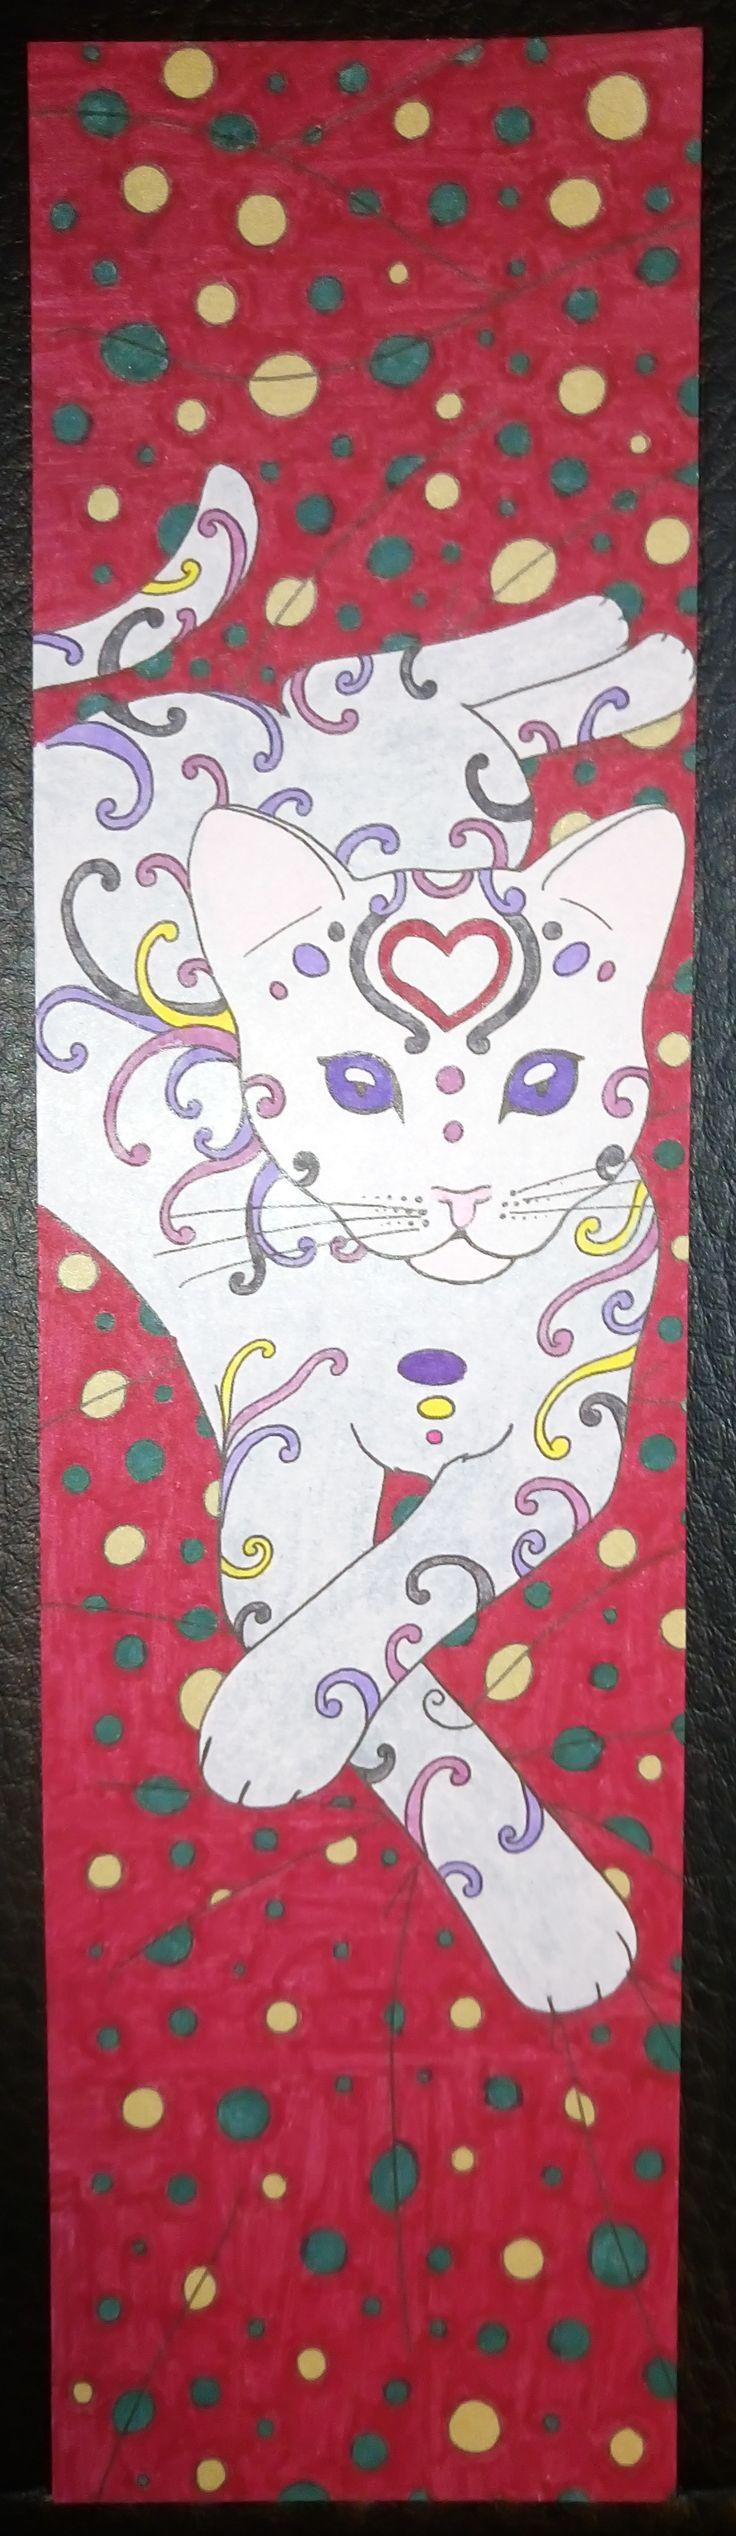 Colouring Mes Marque pages a colorier chats Gato Fondo granate lunares dorados y verdes